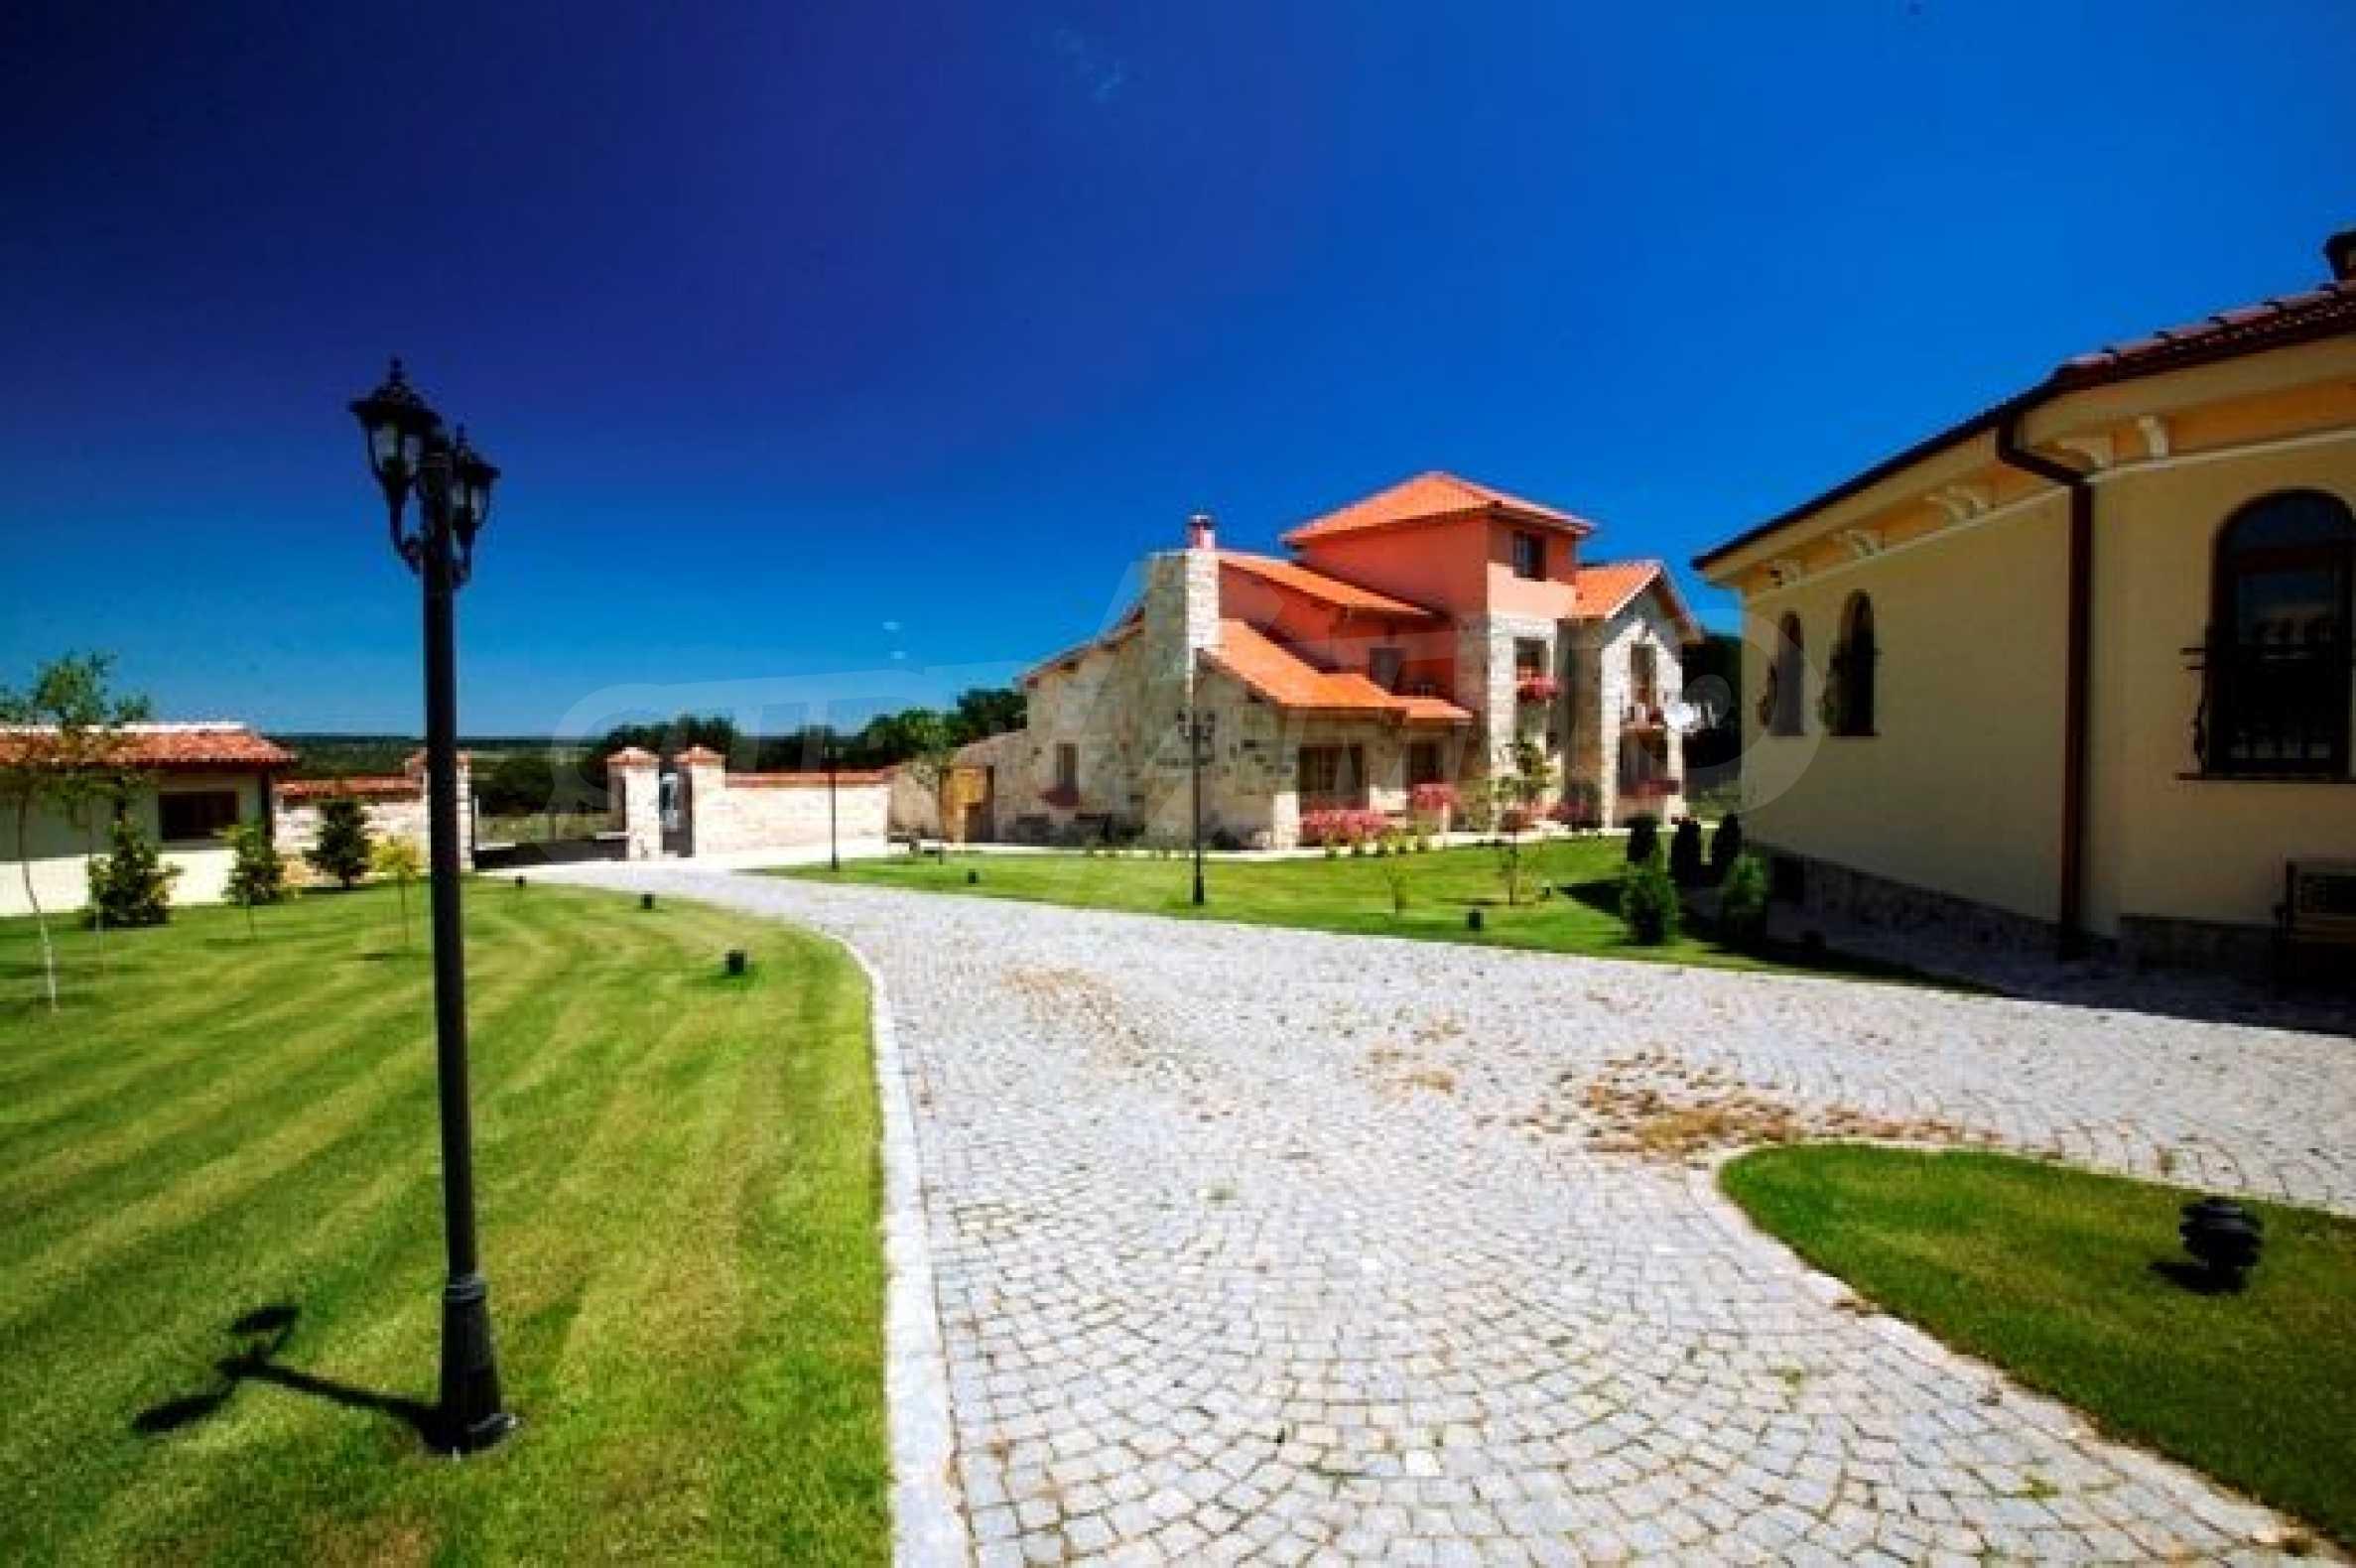 Великолепно имение с басейн и градина във френския стил прованс 17